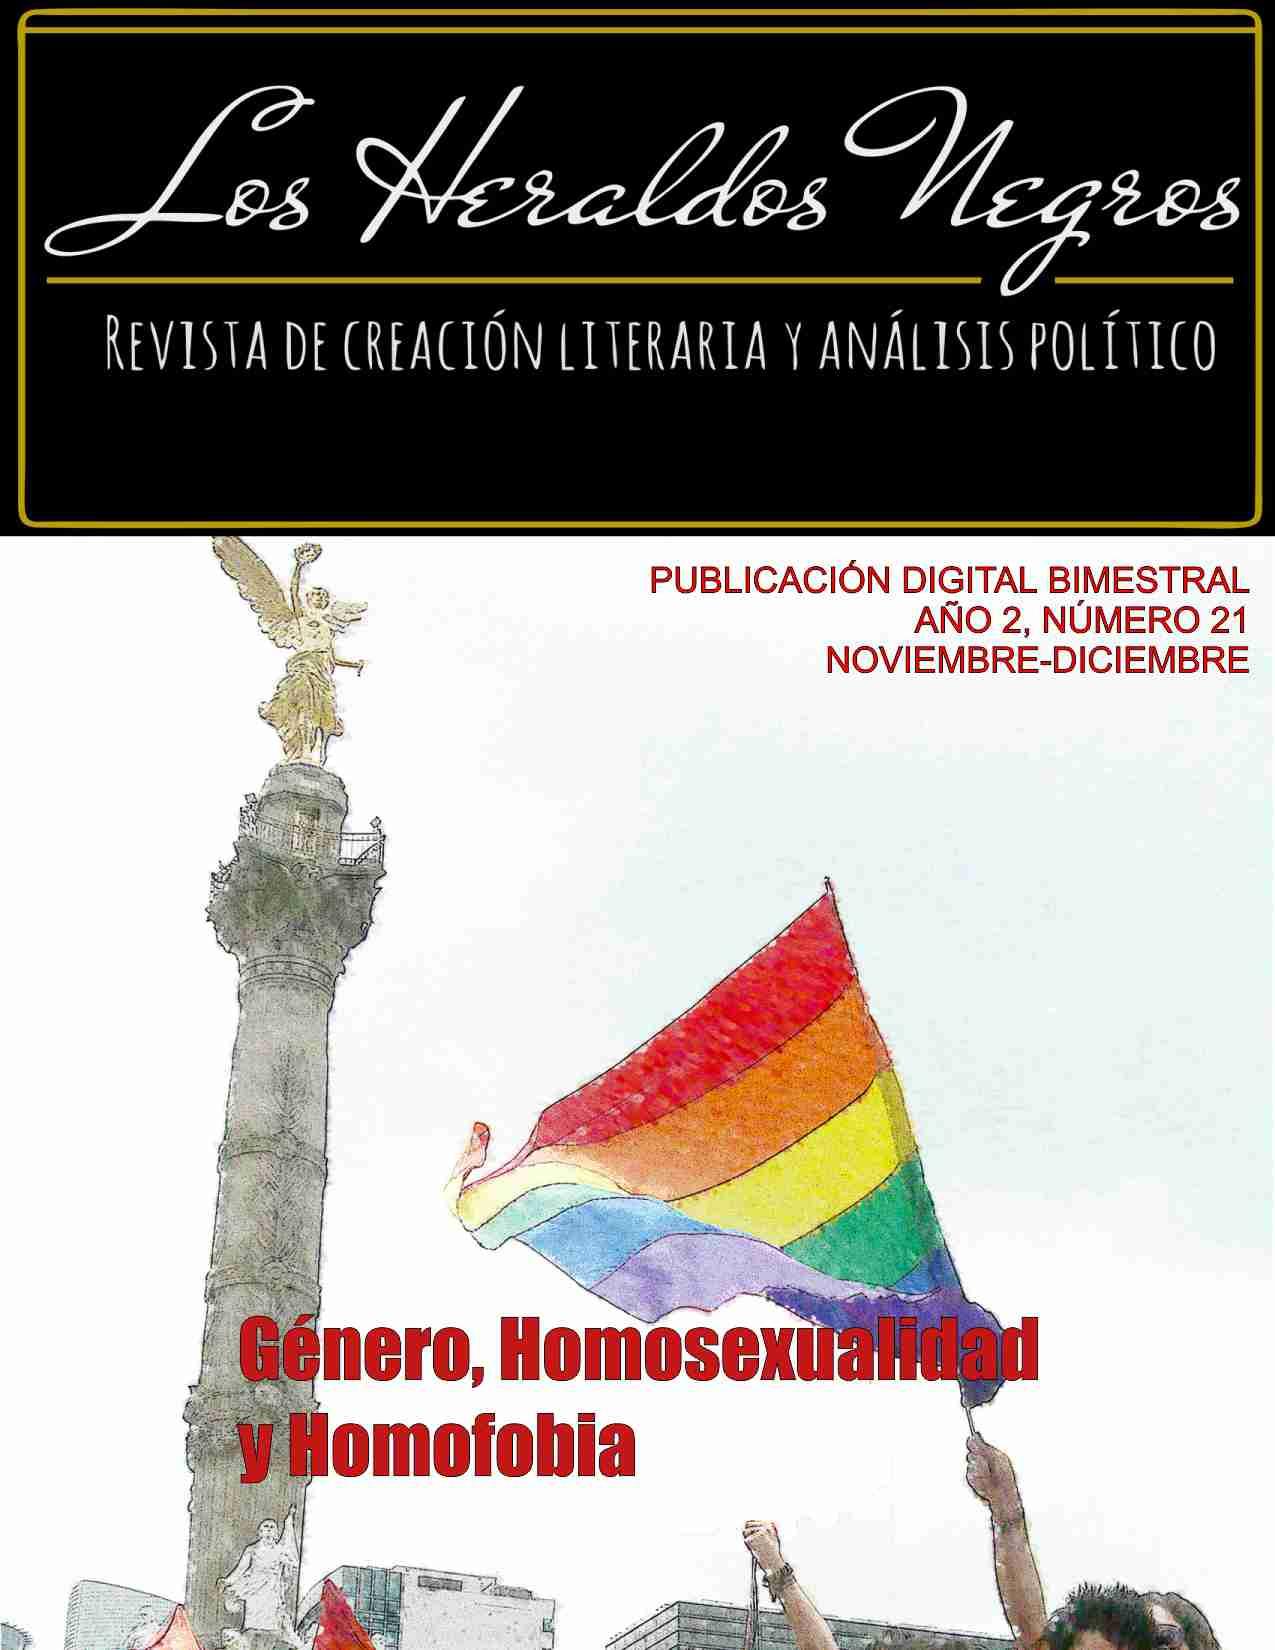 Género, homosexualidad y homofobia